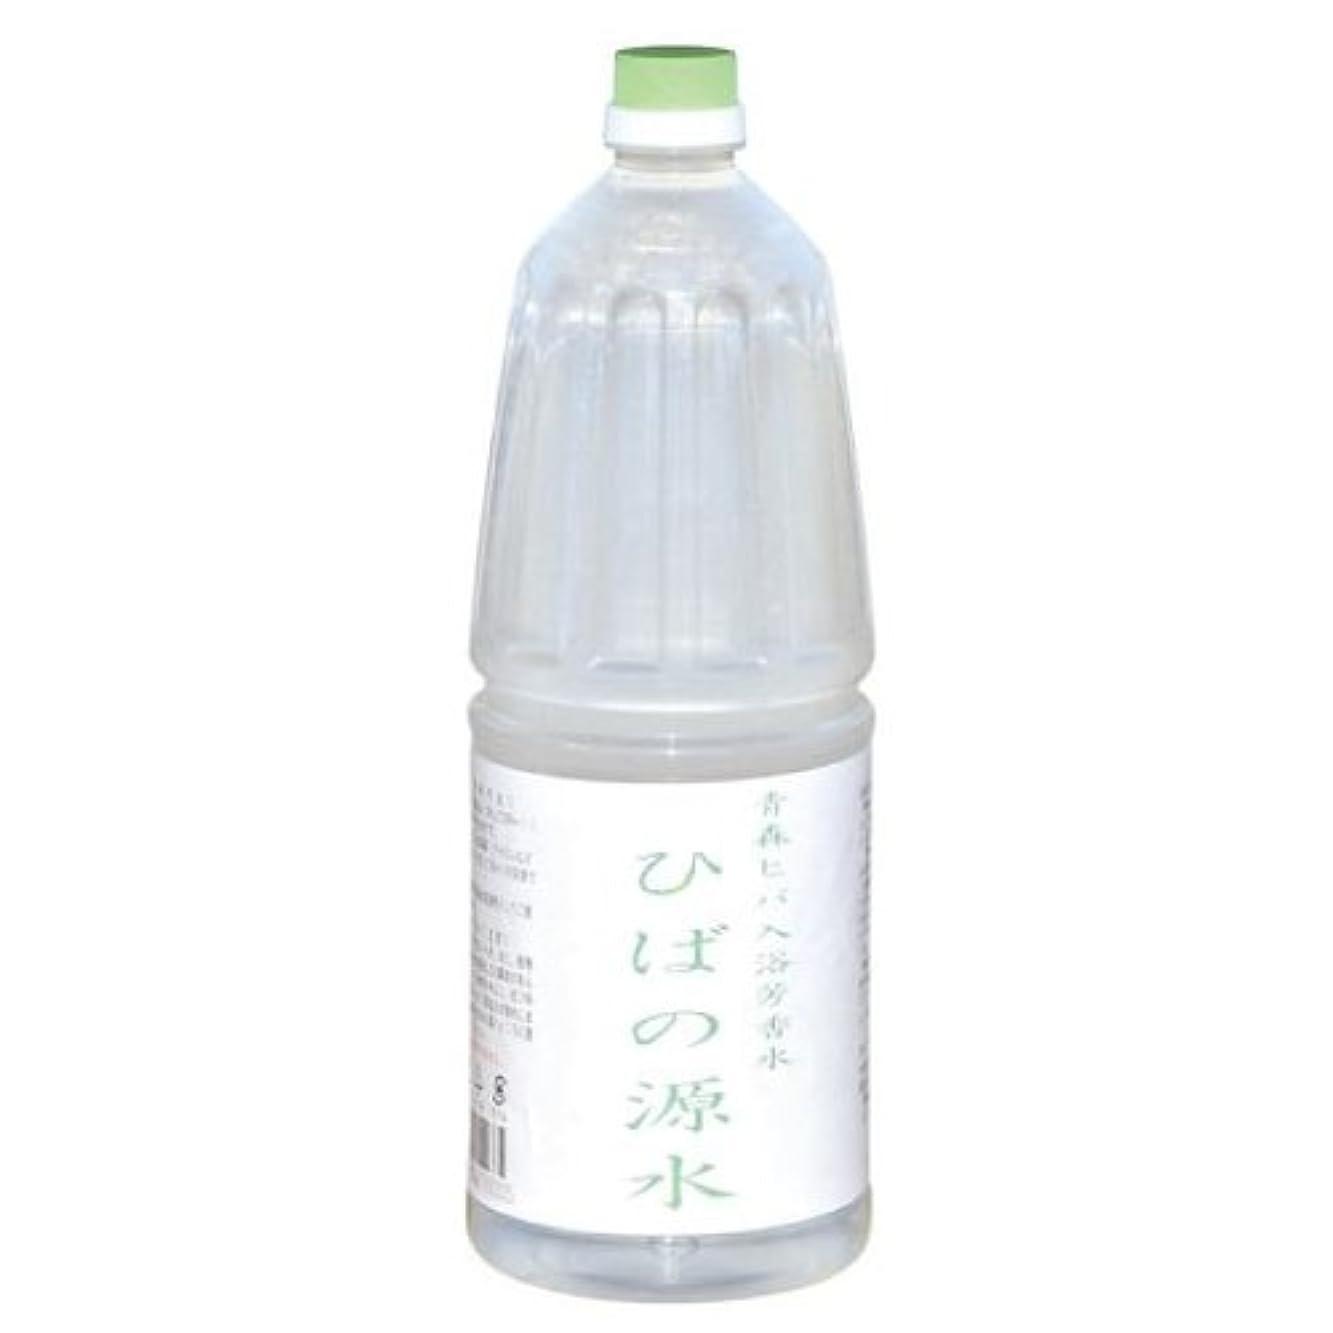 青森ひば蒸留水 ひばの源水1800ml